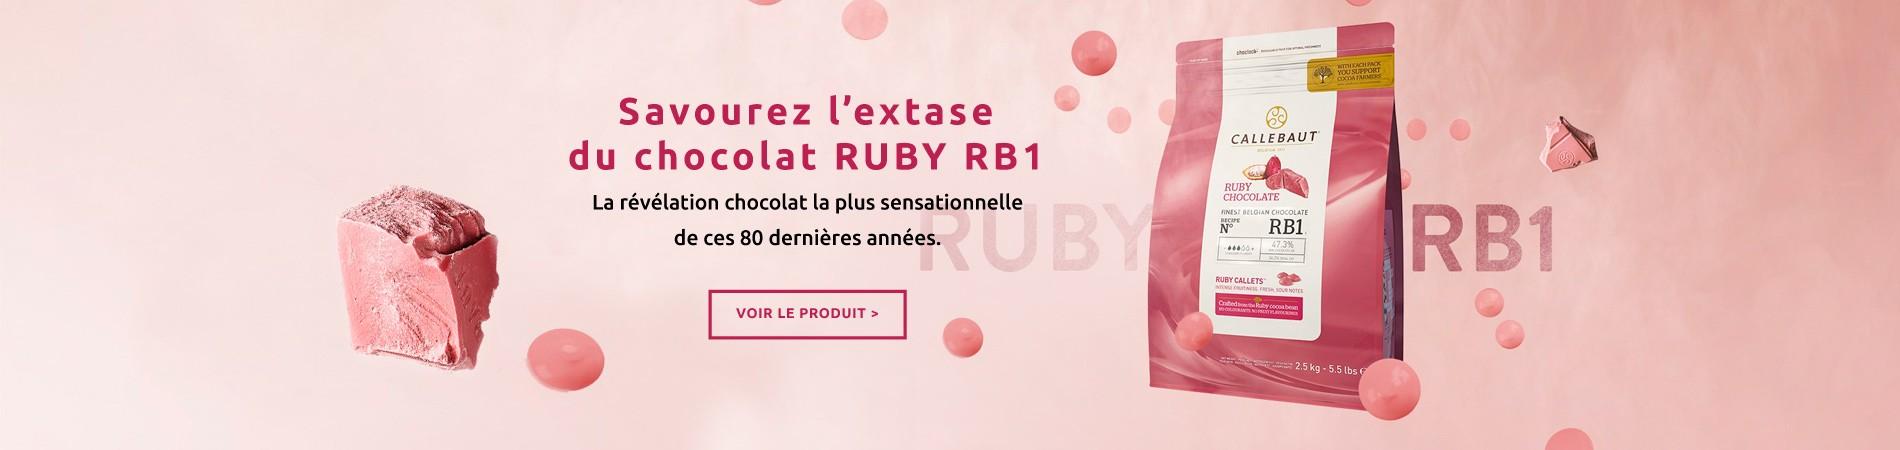 Chocolat Ruby Calllebaut